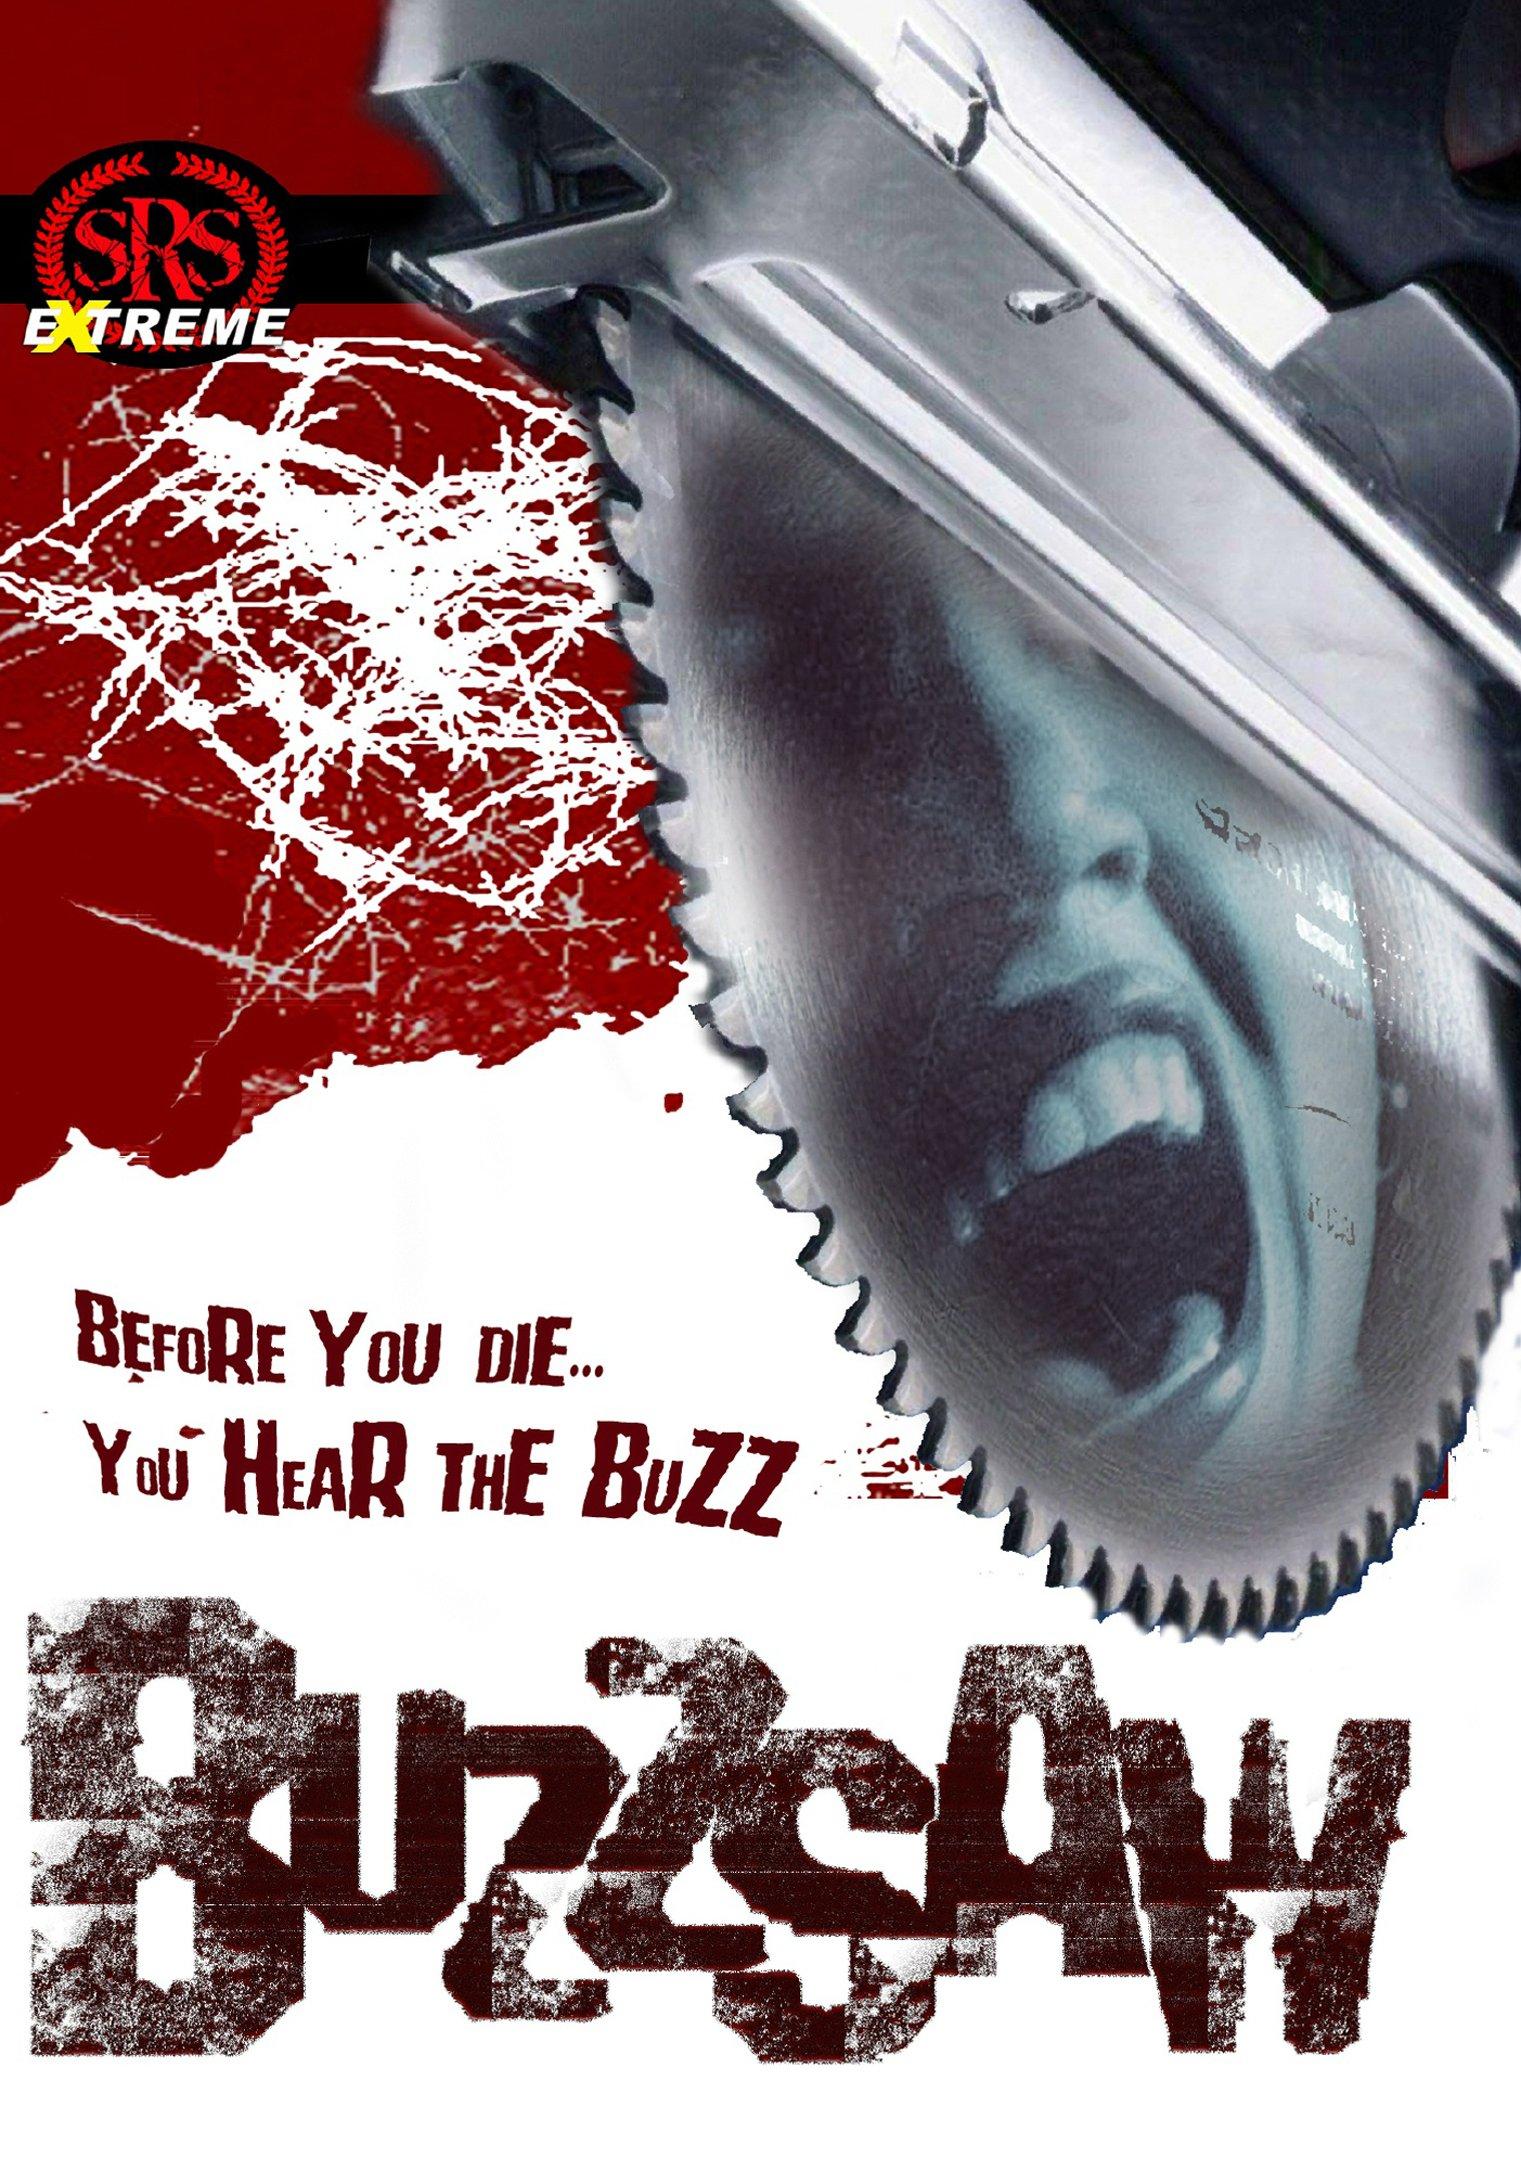 Buzz Saw by Srs Cinema, Llc